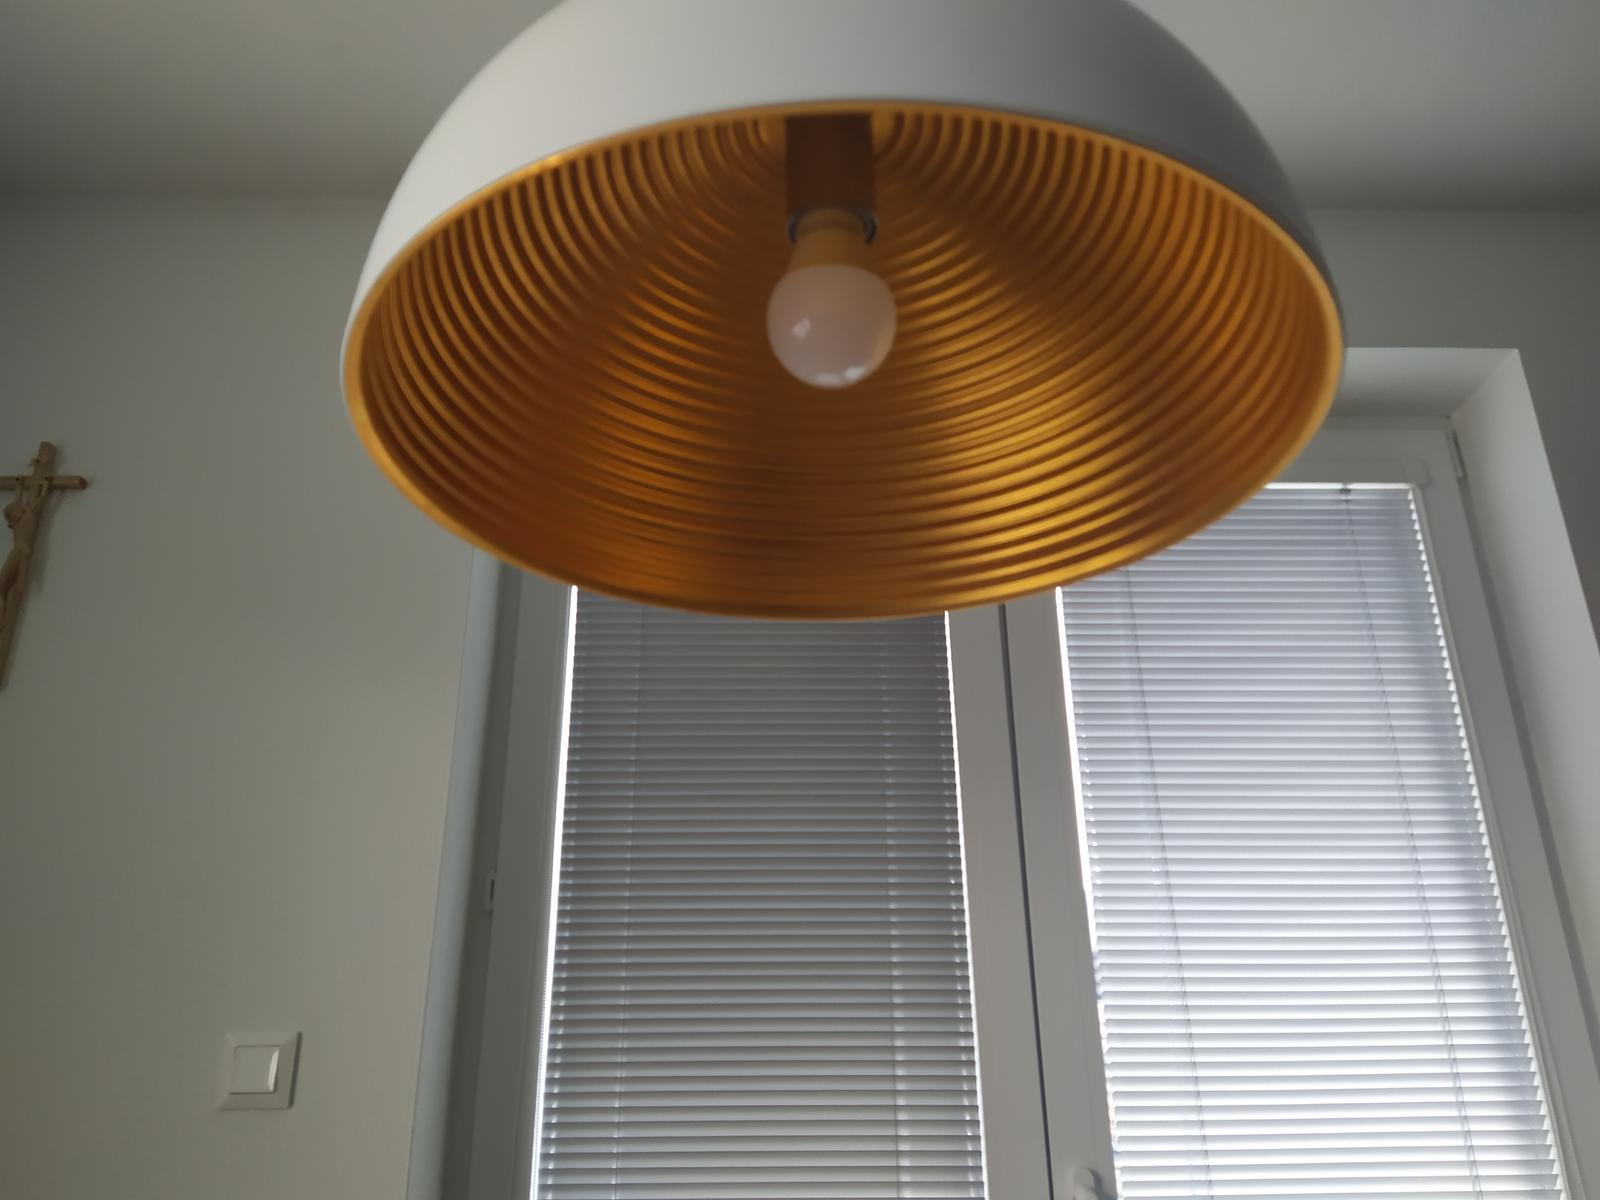 dizajnové svietidlo - Obrázok č. 3